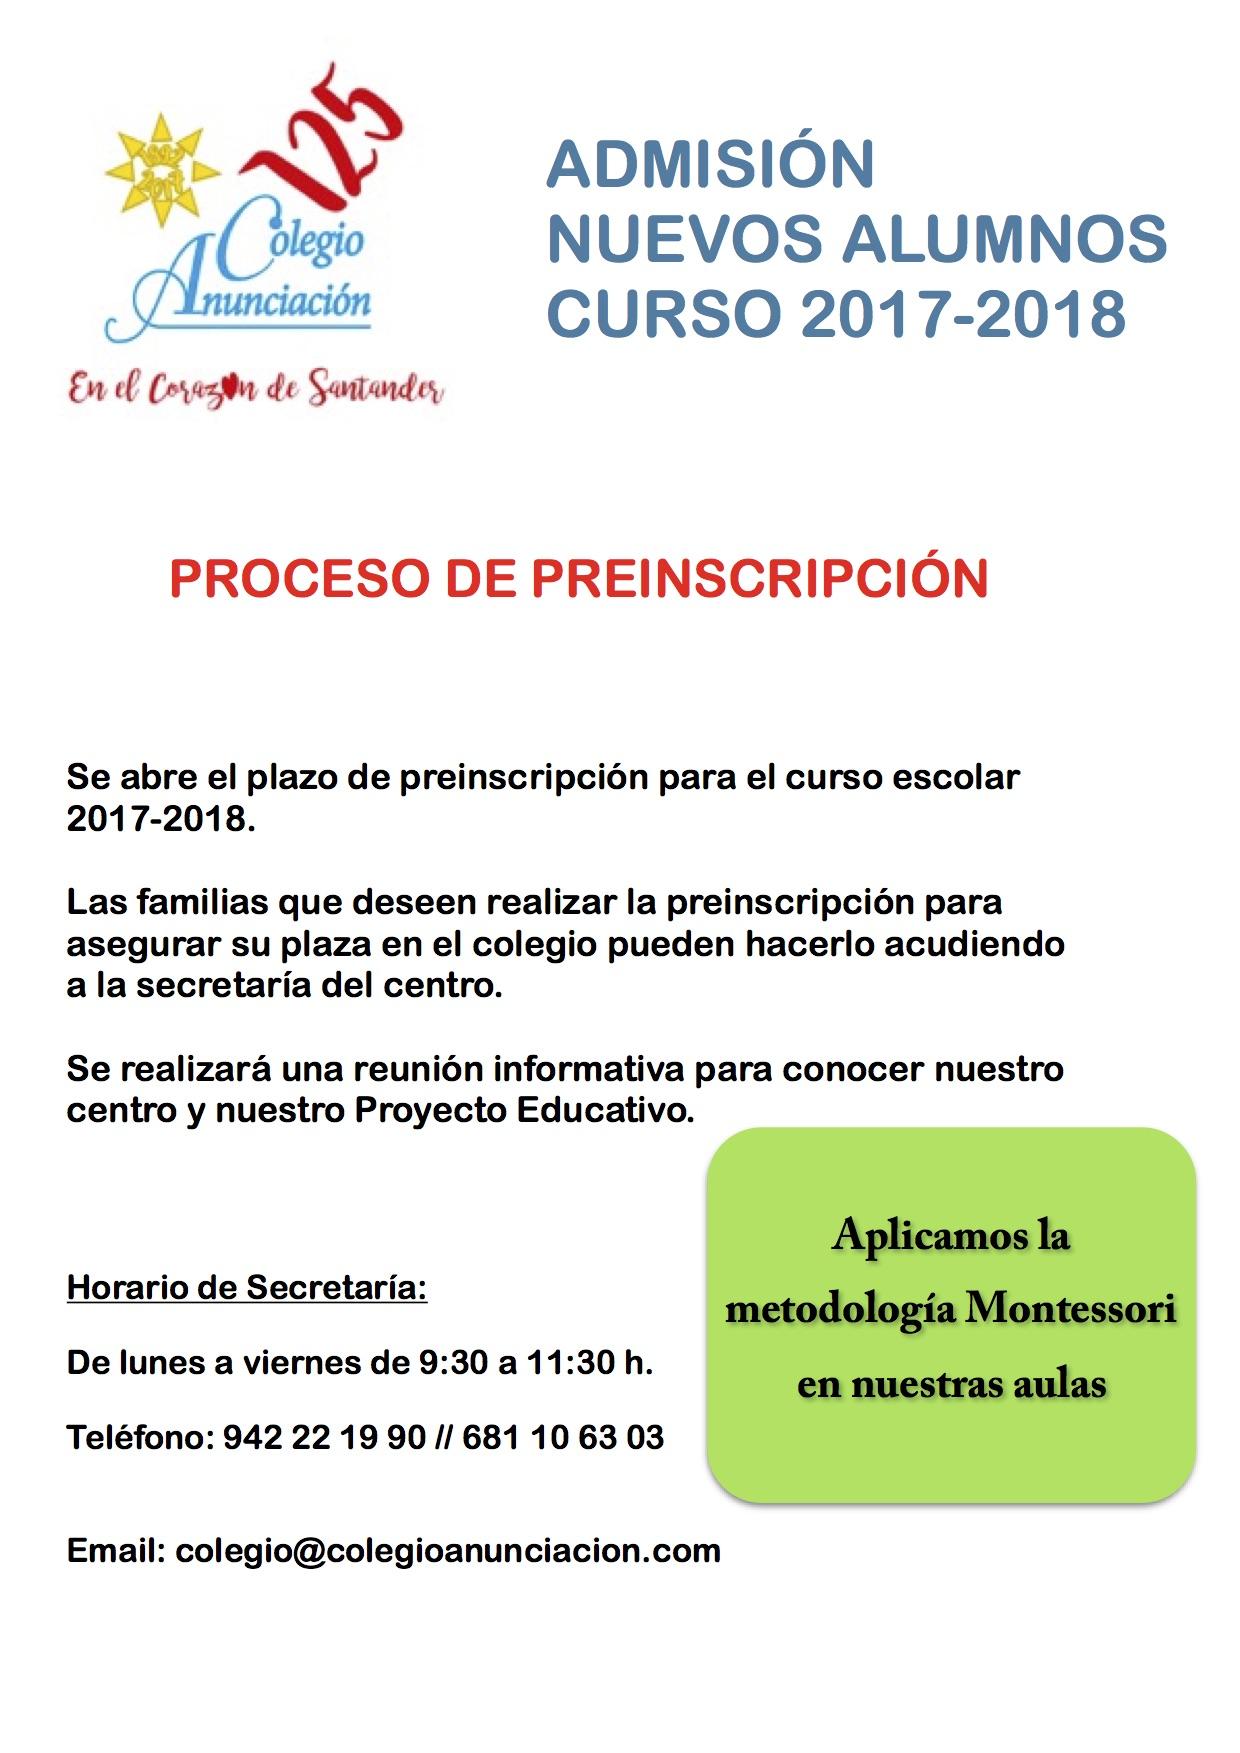 Proceso de preinscripción 11.45.24